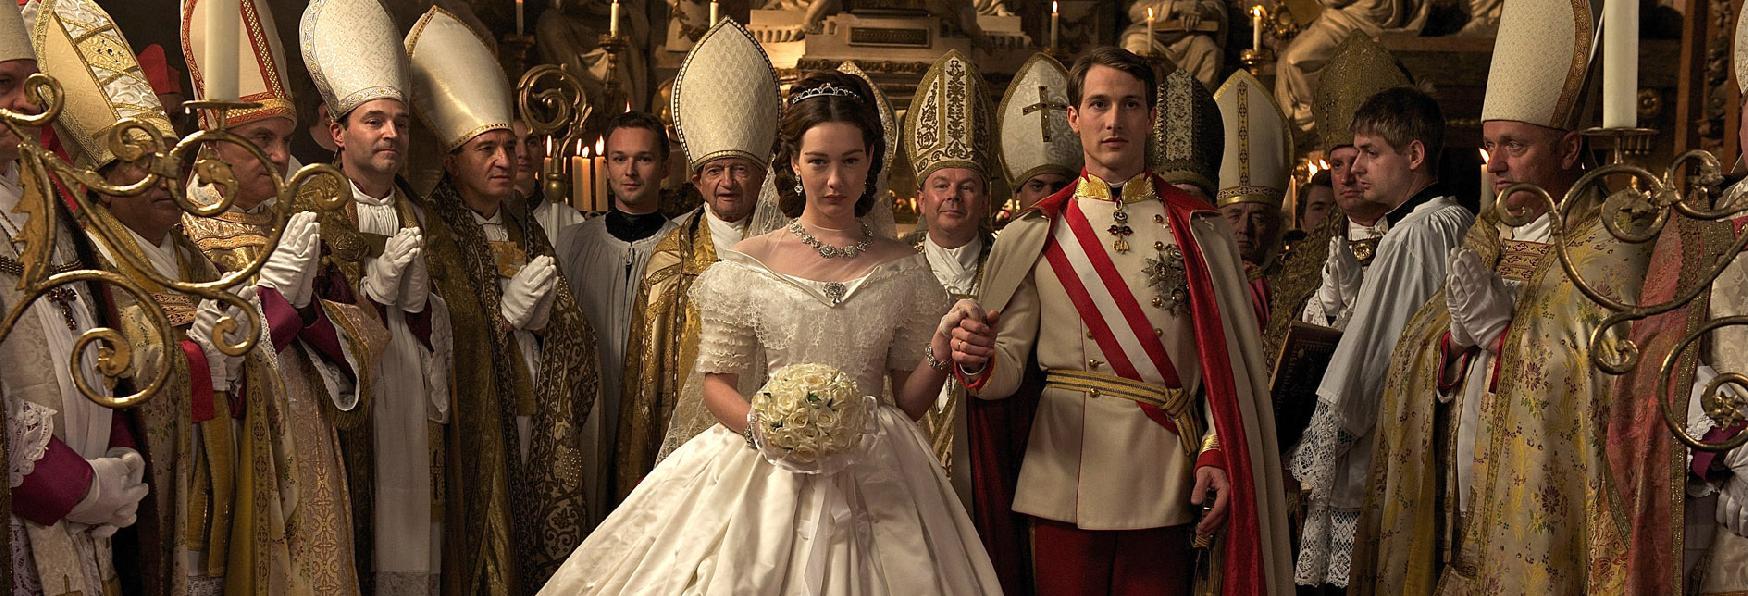 Sissi: L'Imperatrice Austriaca arriva sul Piccolo Schermo con una nuova Serie TV